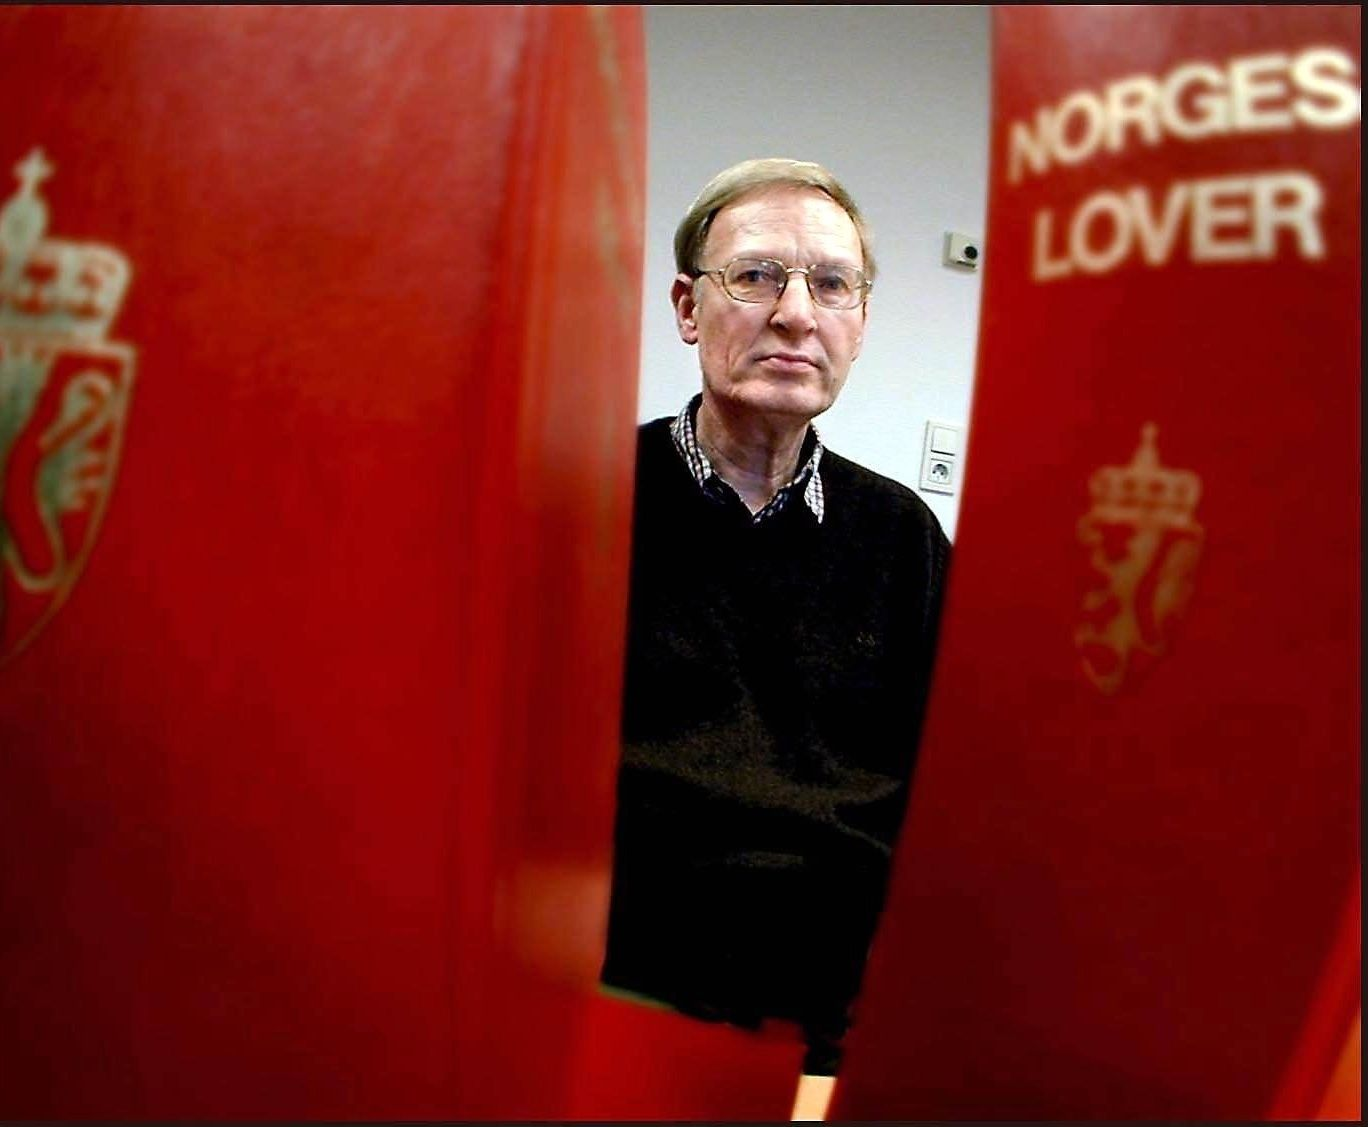 ERFAREN SORENSKRIVER: Bjarte Eikeset avbildet tidlig på 2000-tallet da han virket som sorenskriver.